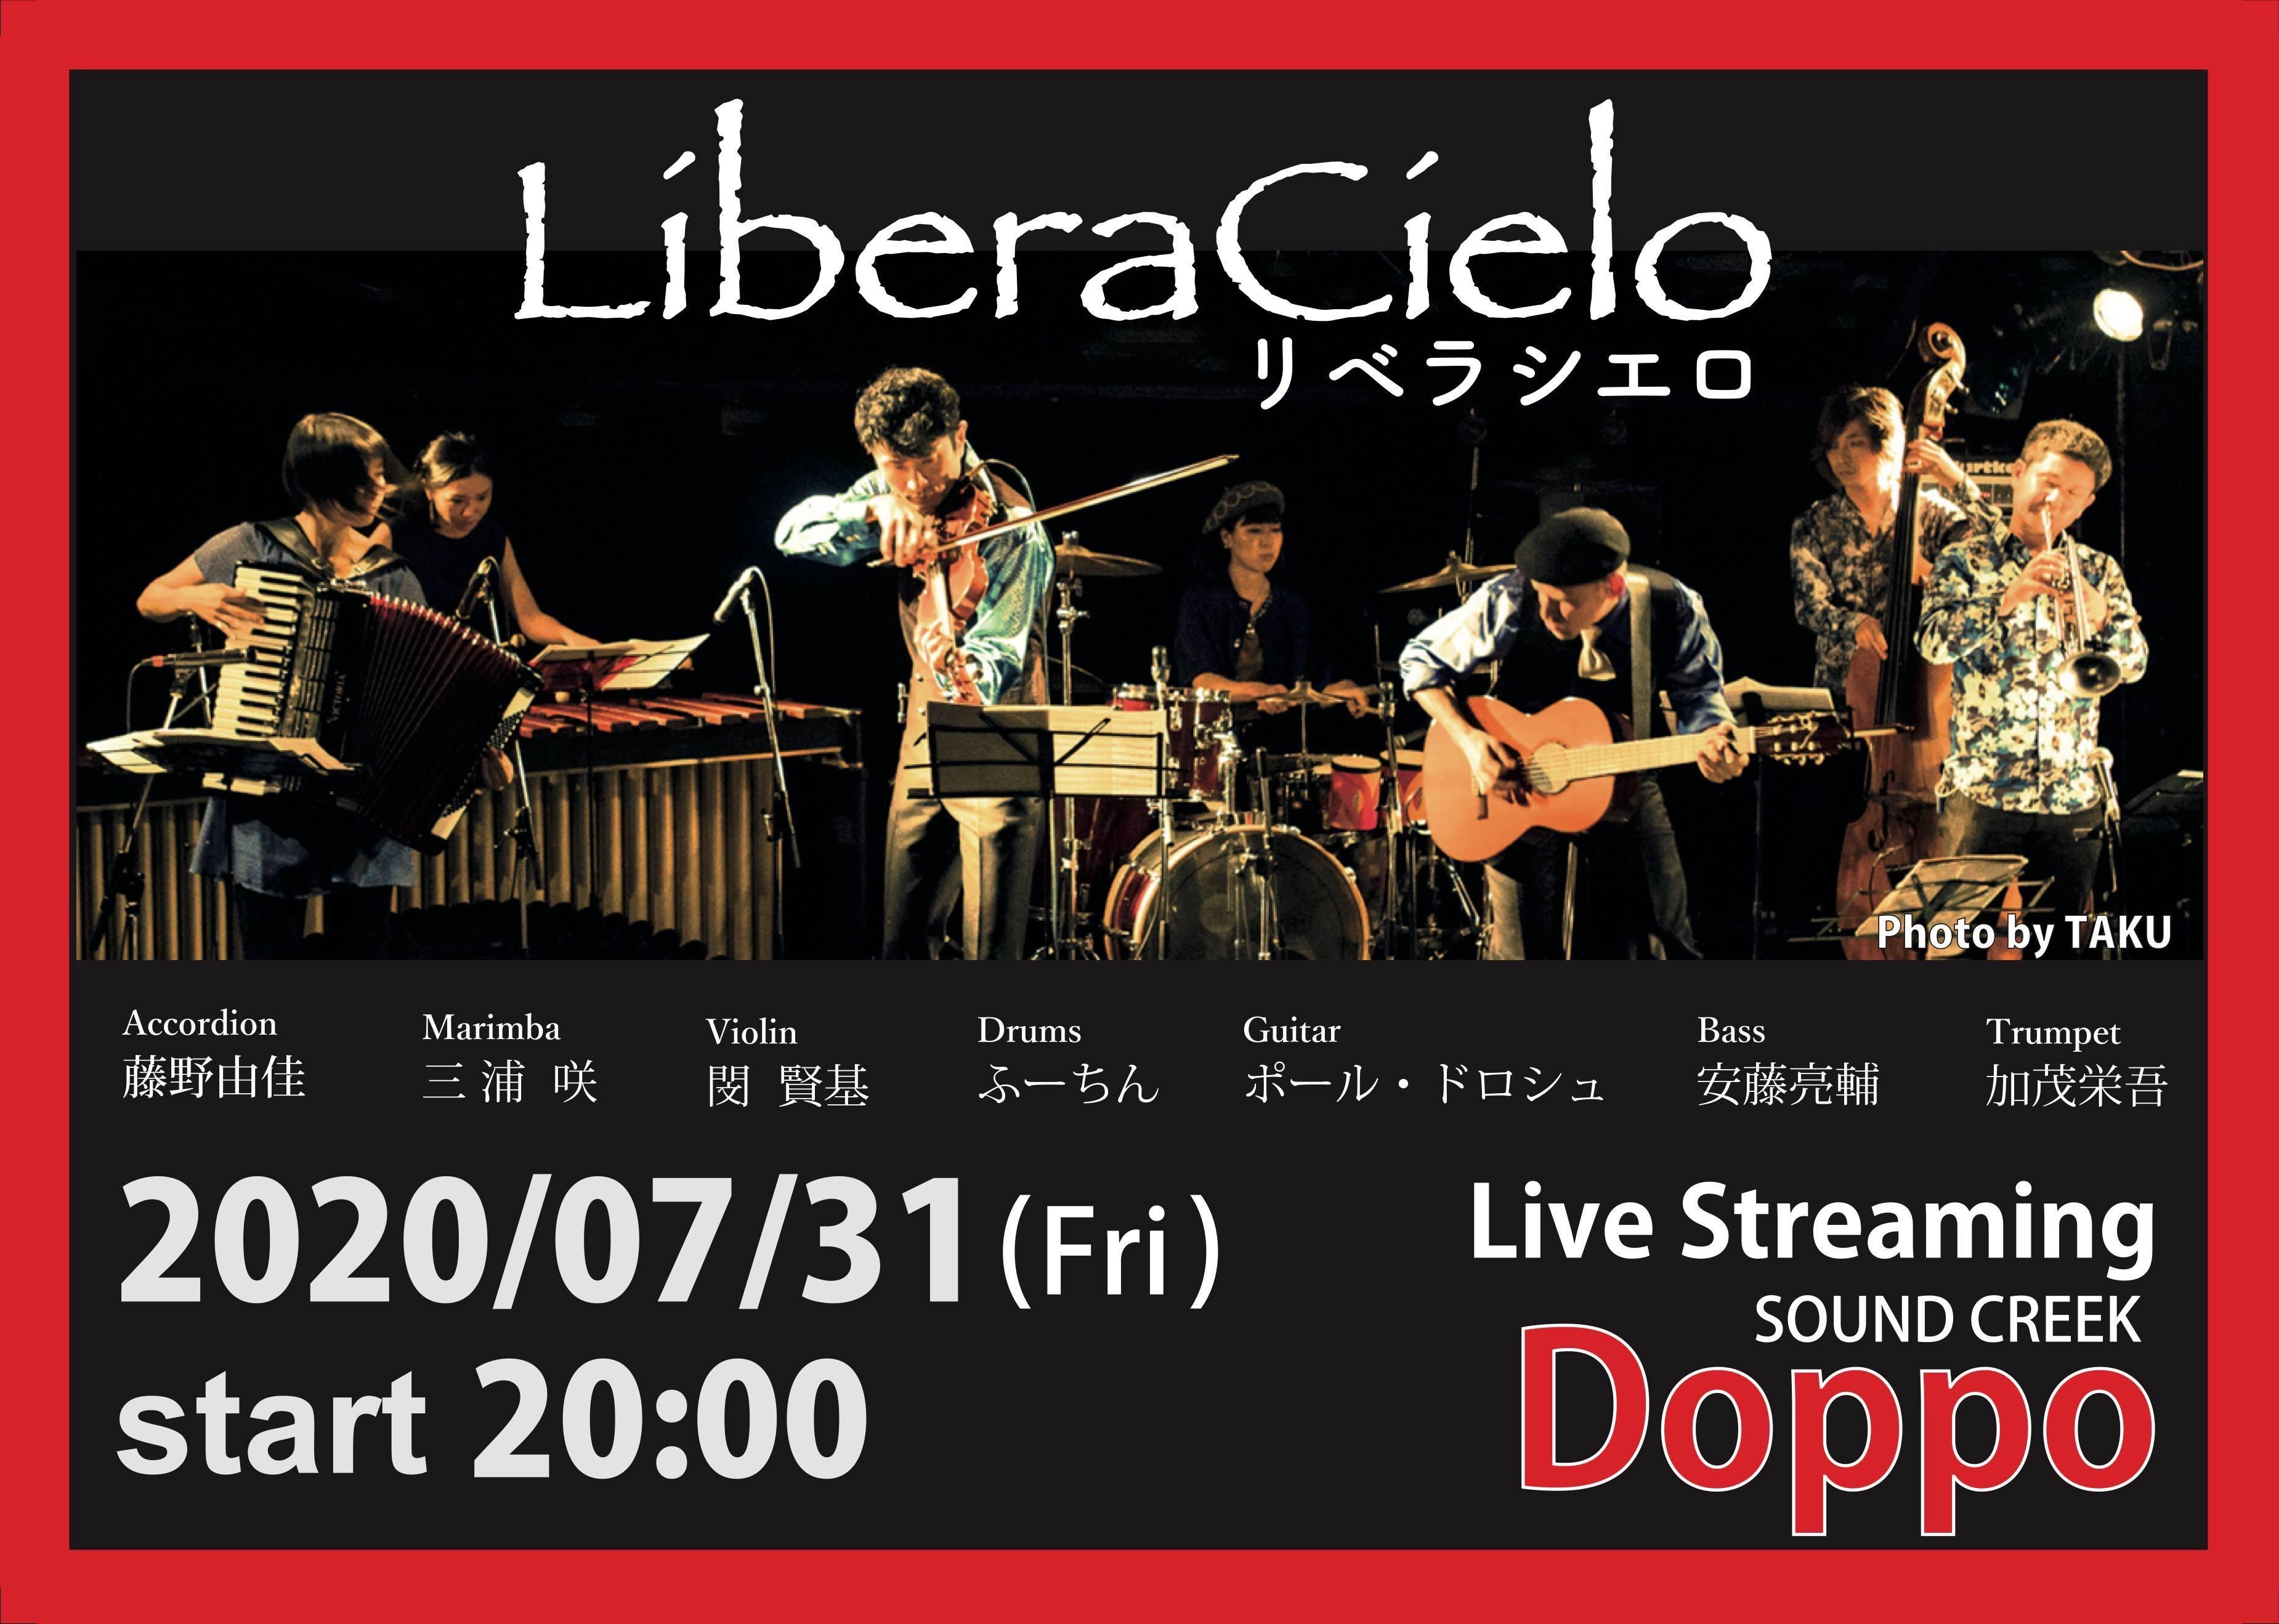 Doppo Stream Channel (配信ライブ)LiberaCielo